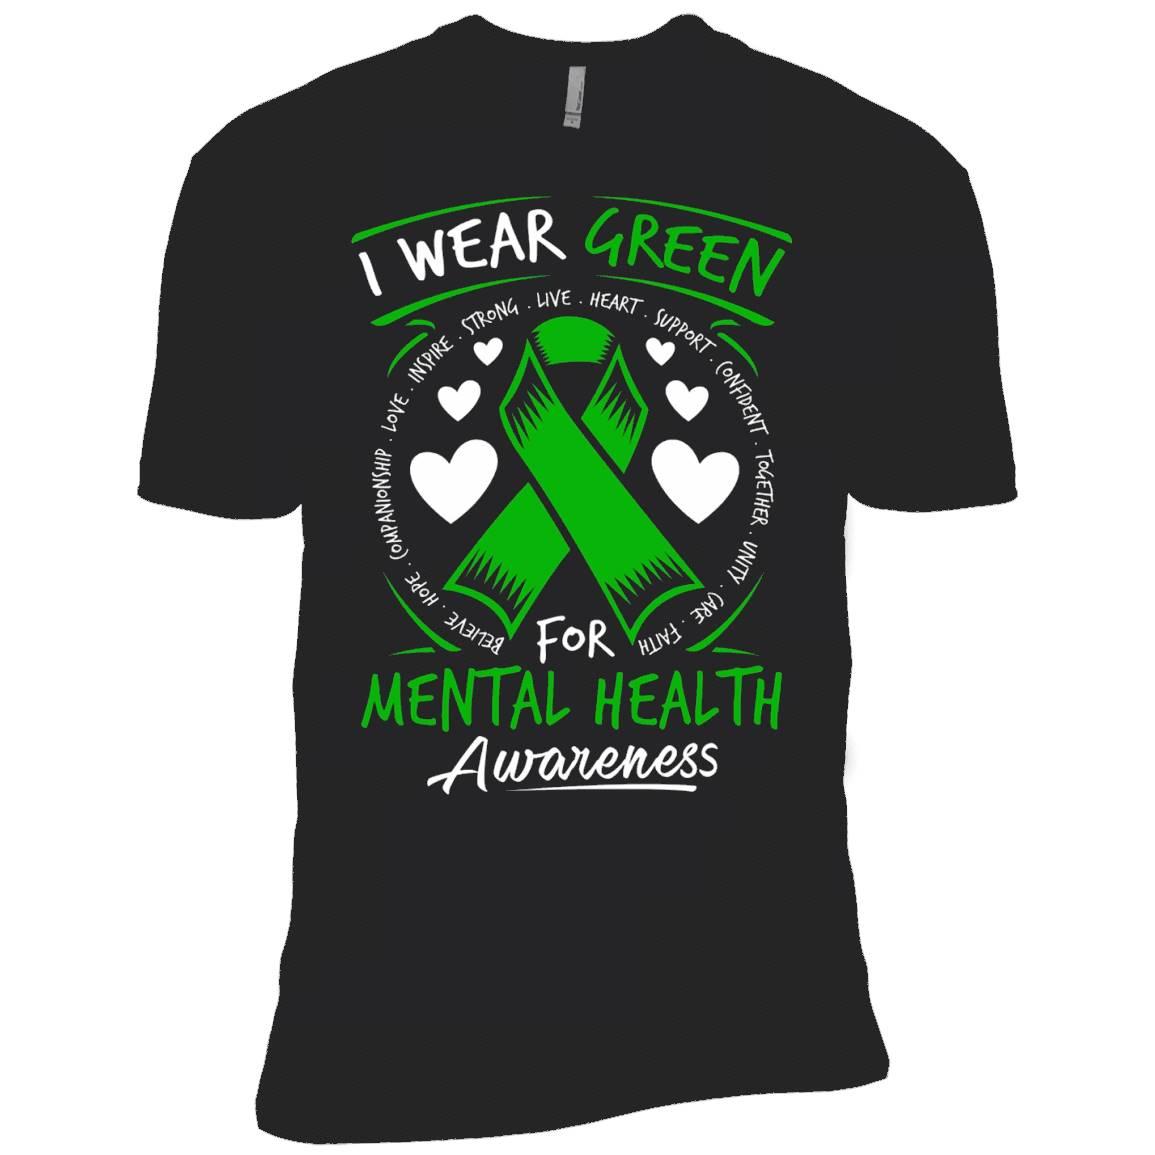 I Wear Green For Mental Health Awareness T Shirt – T-Shirt